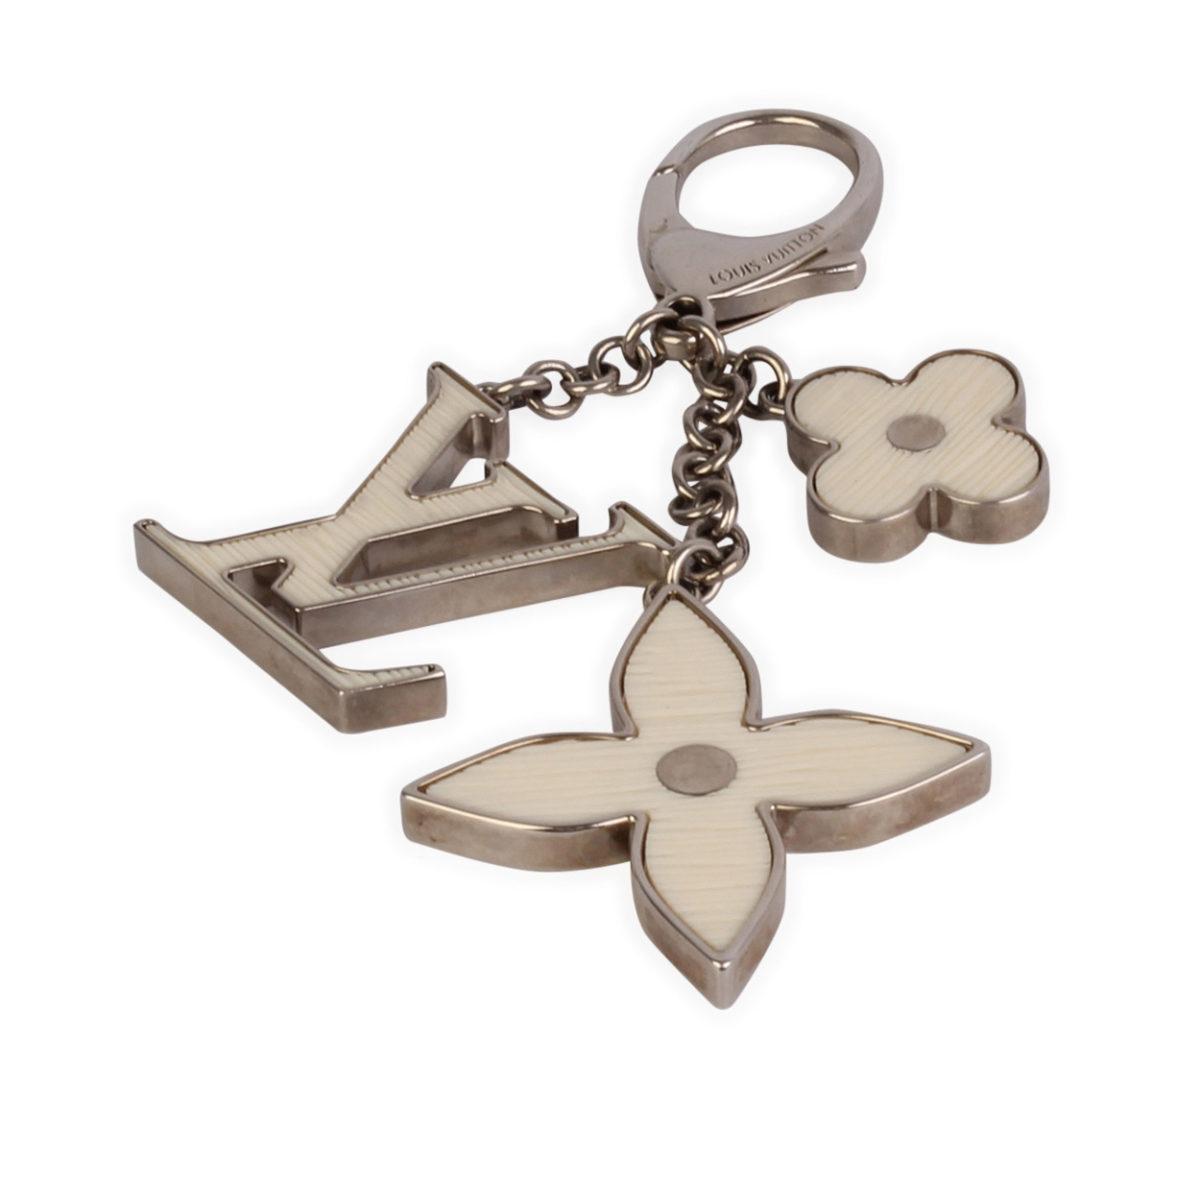 c2662fecac86 LOUIS VUITTON Fleur de Monogram Bag Charm   Key Holder White